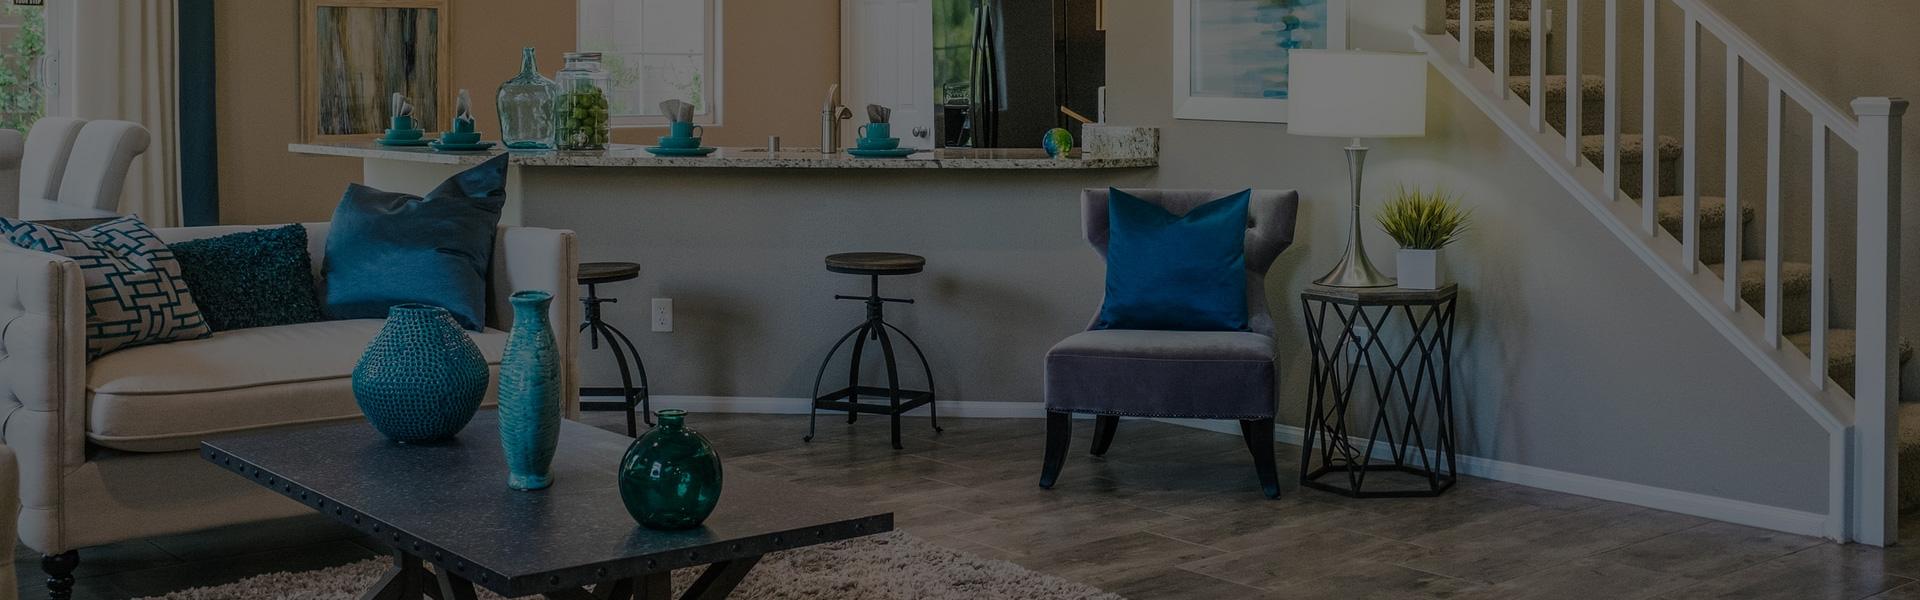 家具行业进销存解决方案